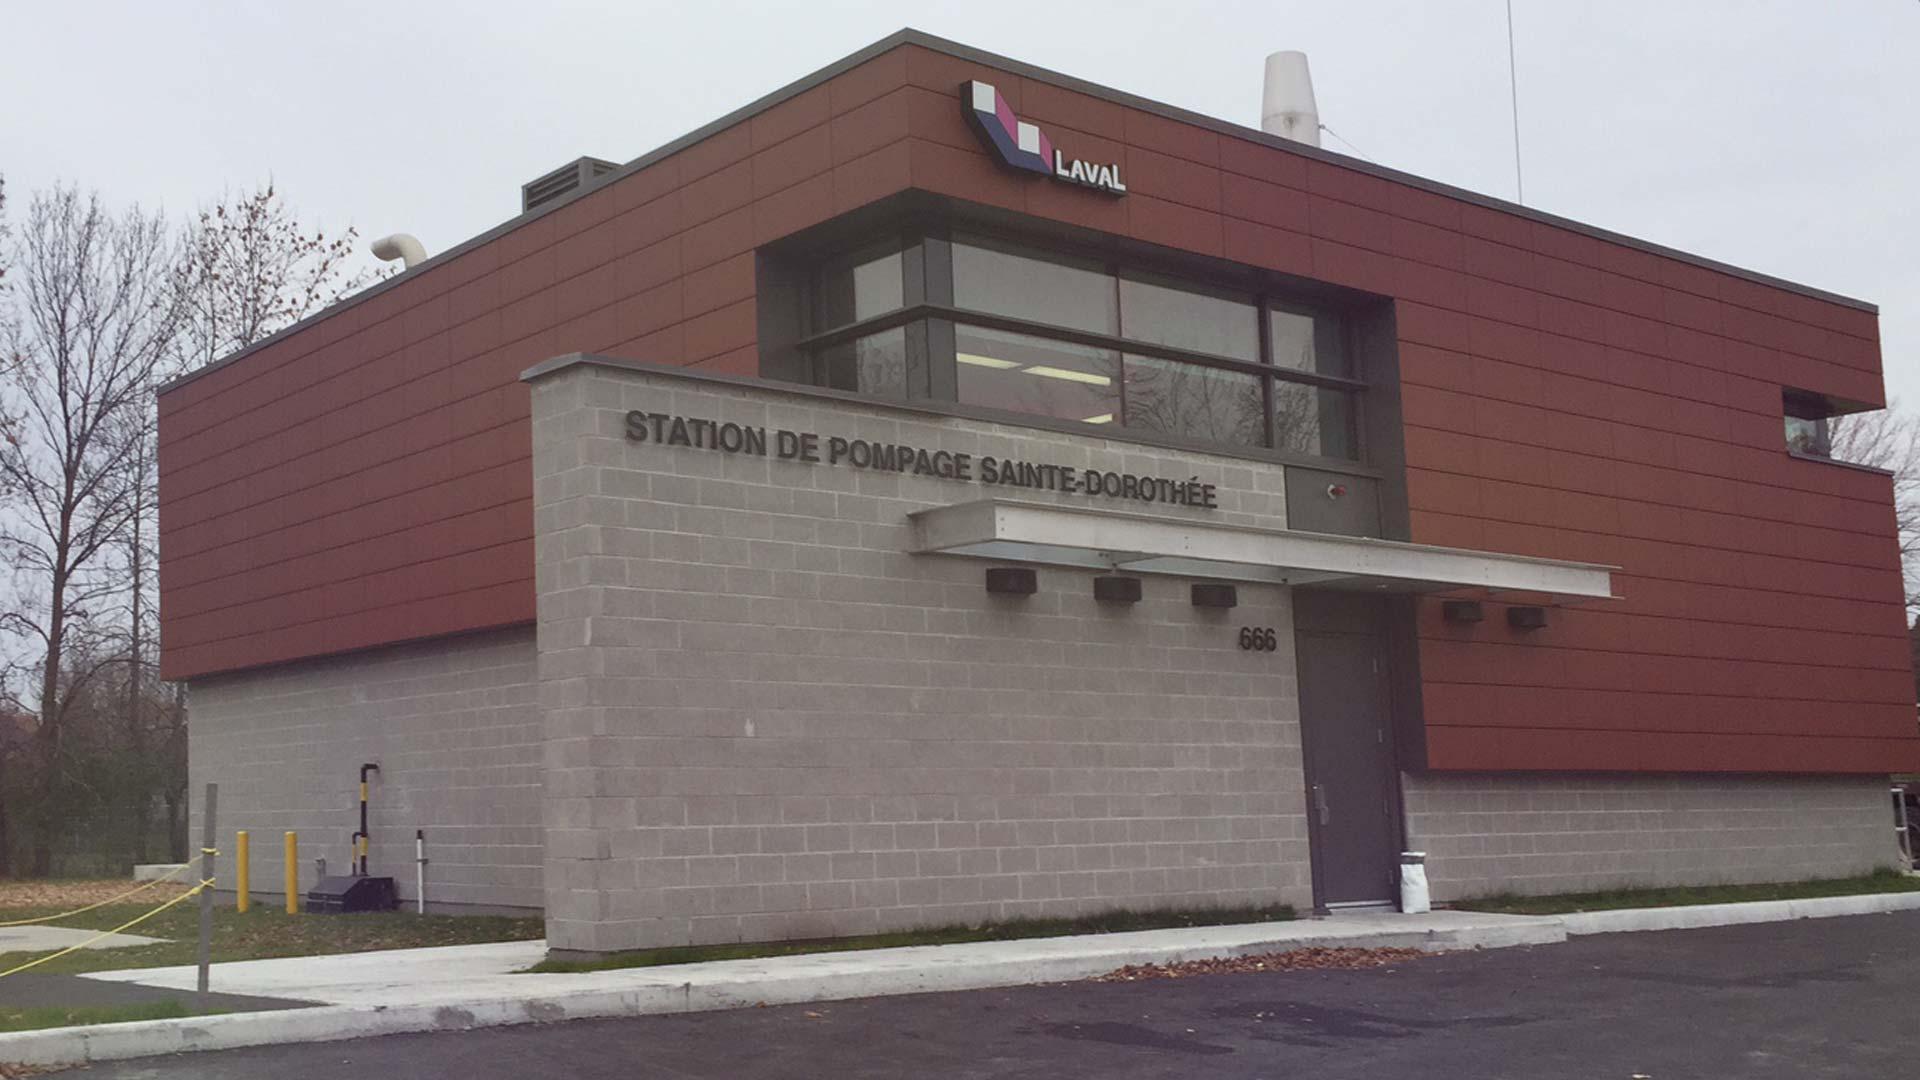 Station-de-pompage-Ste-Dorothee-entete